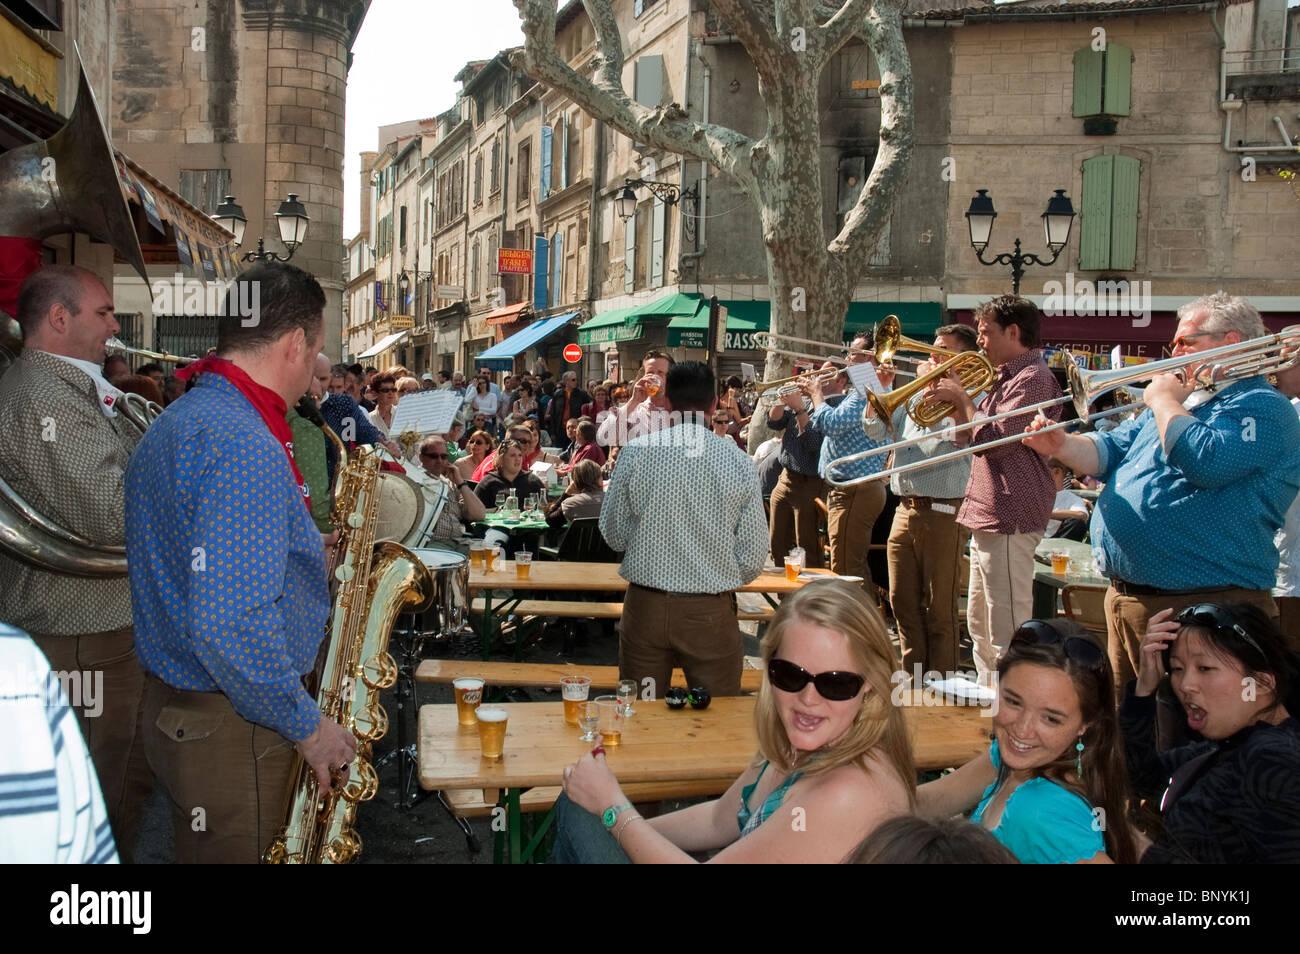 Arles, France - Adolescents de boire à l'extérieur Terrasse, en français provinciaux traditionnels Photo Stock